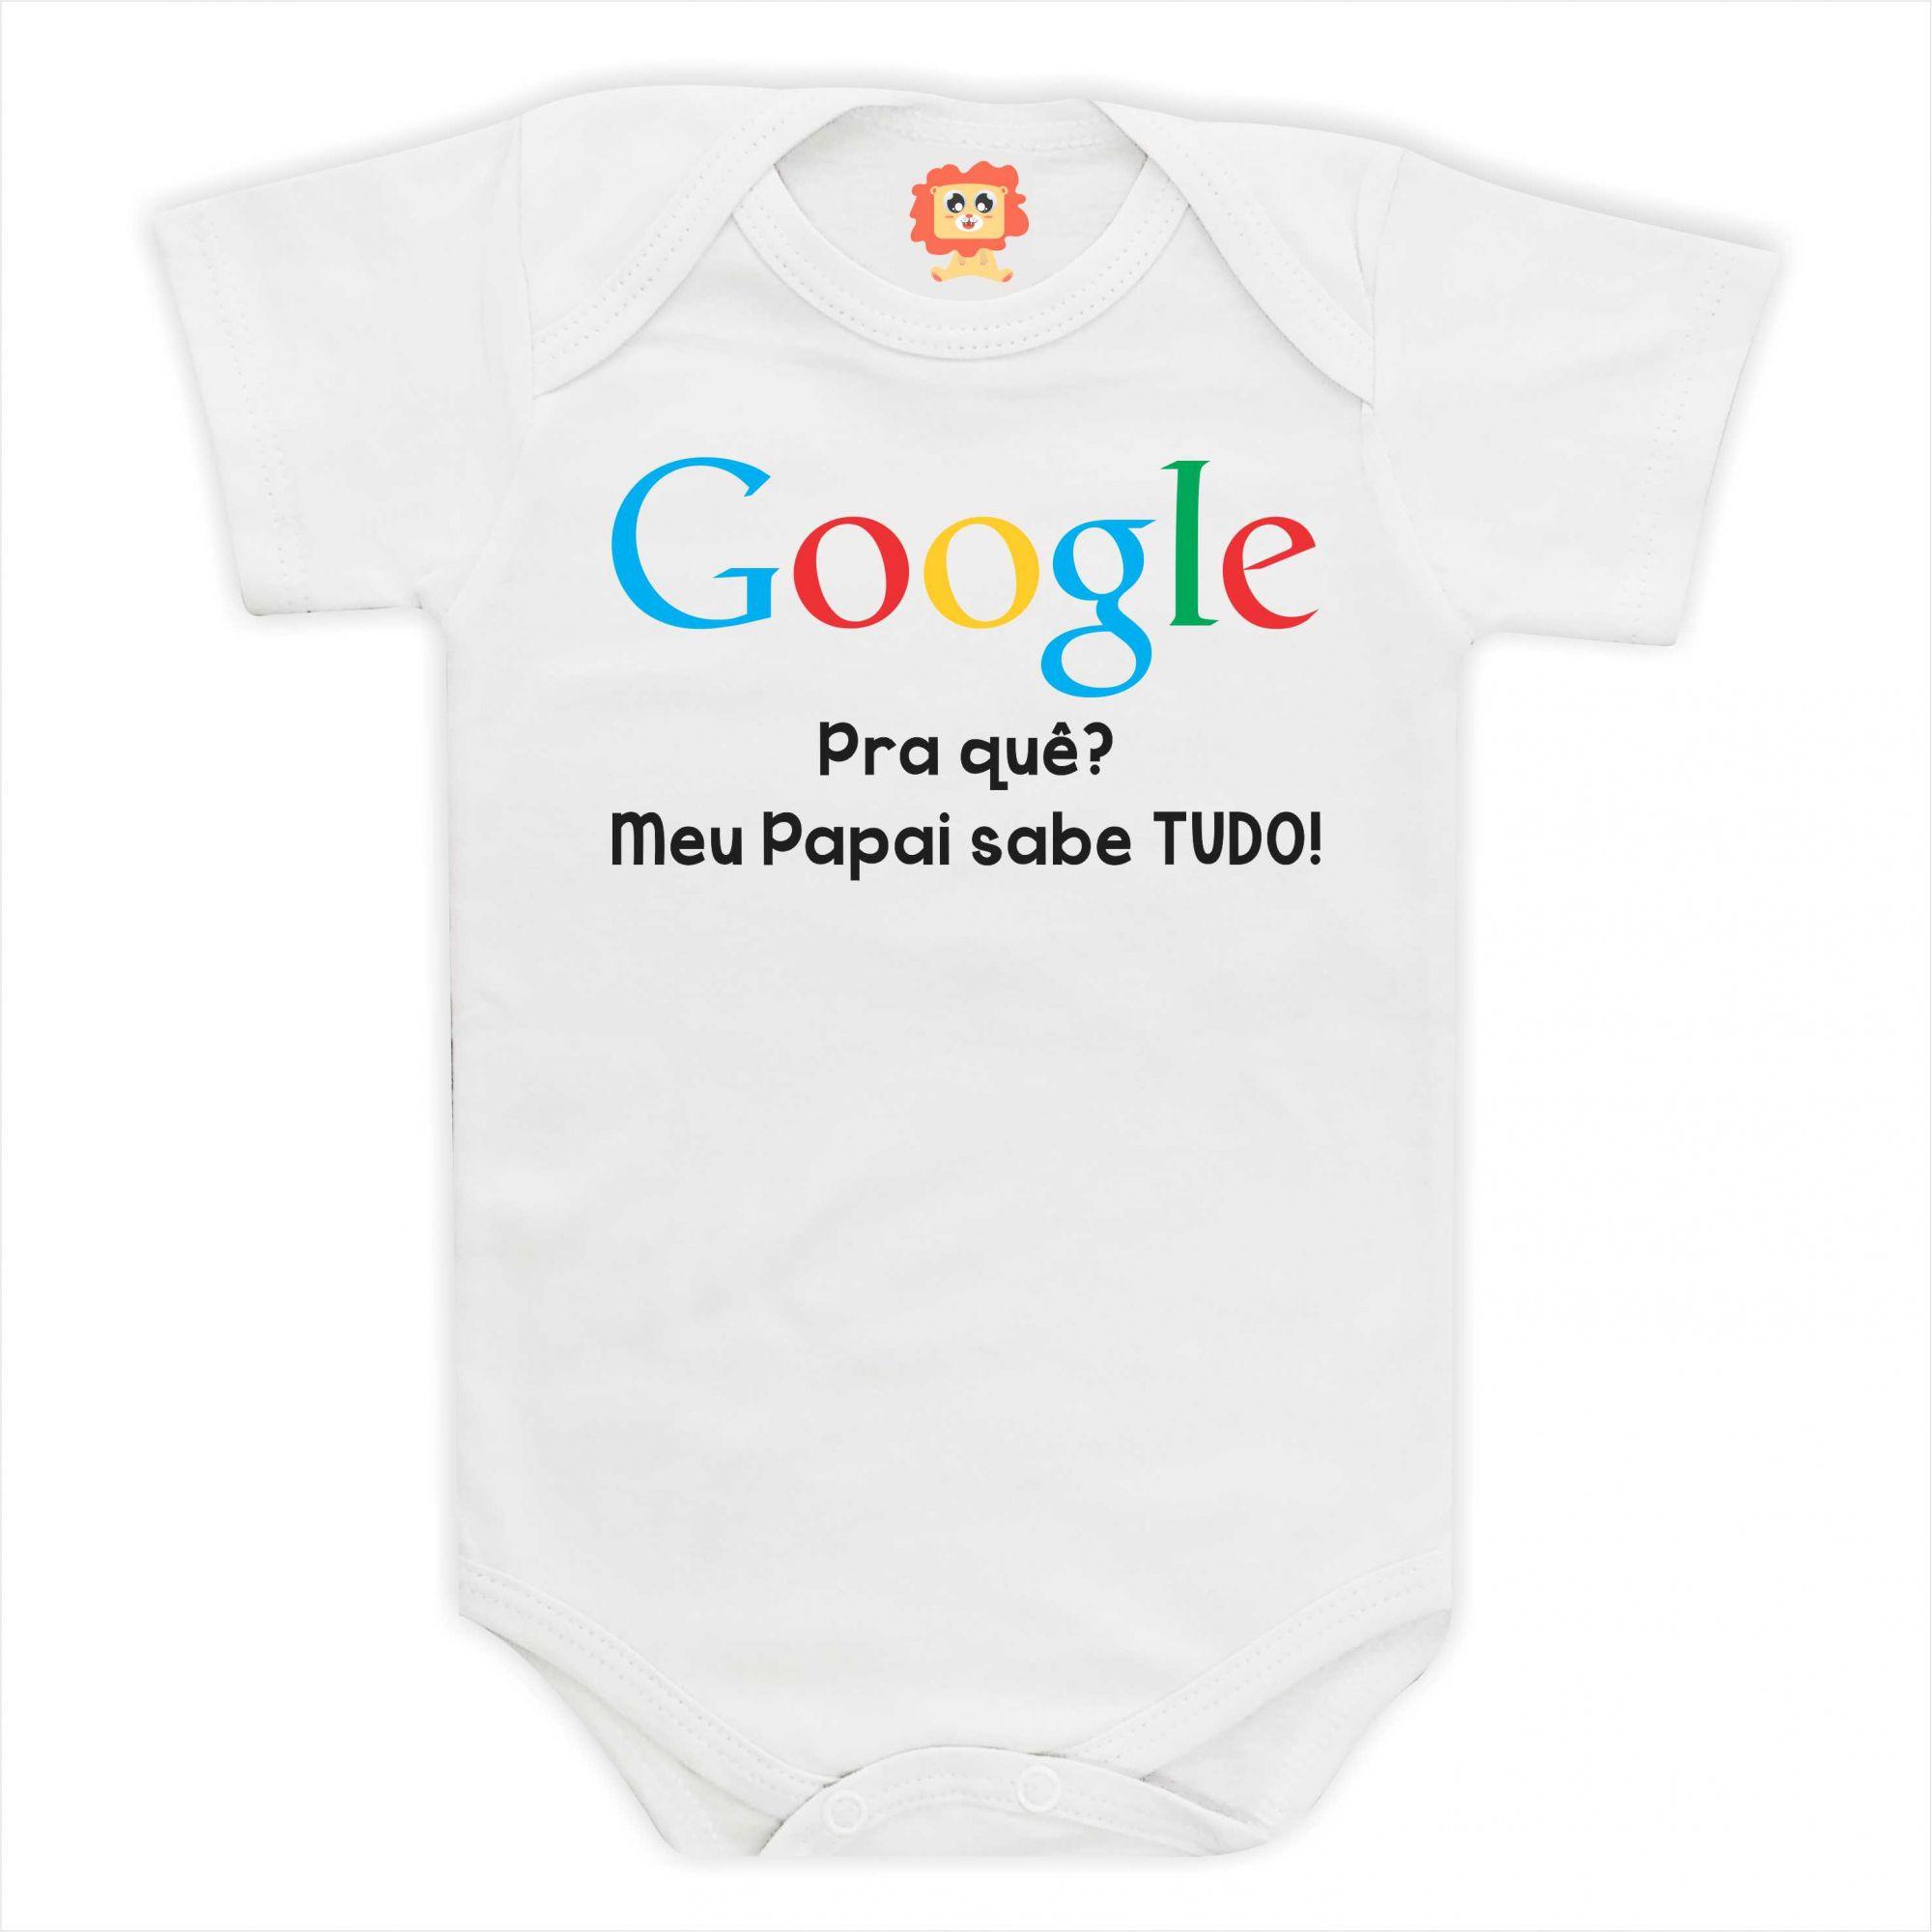 Body de Bebê ou Camiseta Google Pra quê? Meu Papai Sabe Tudo!